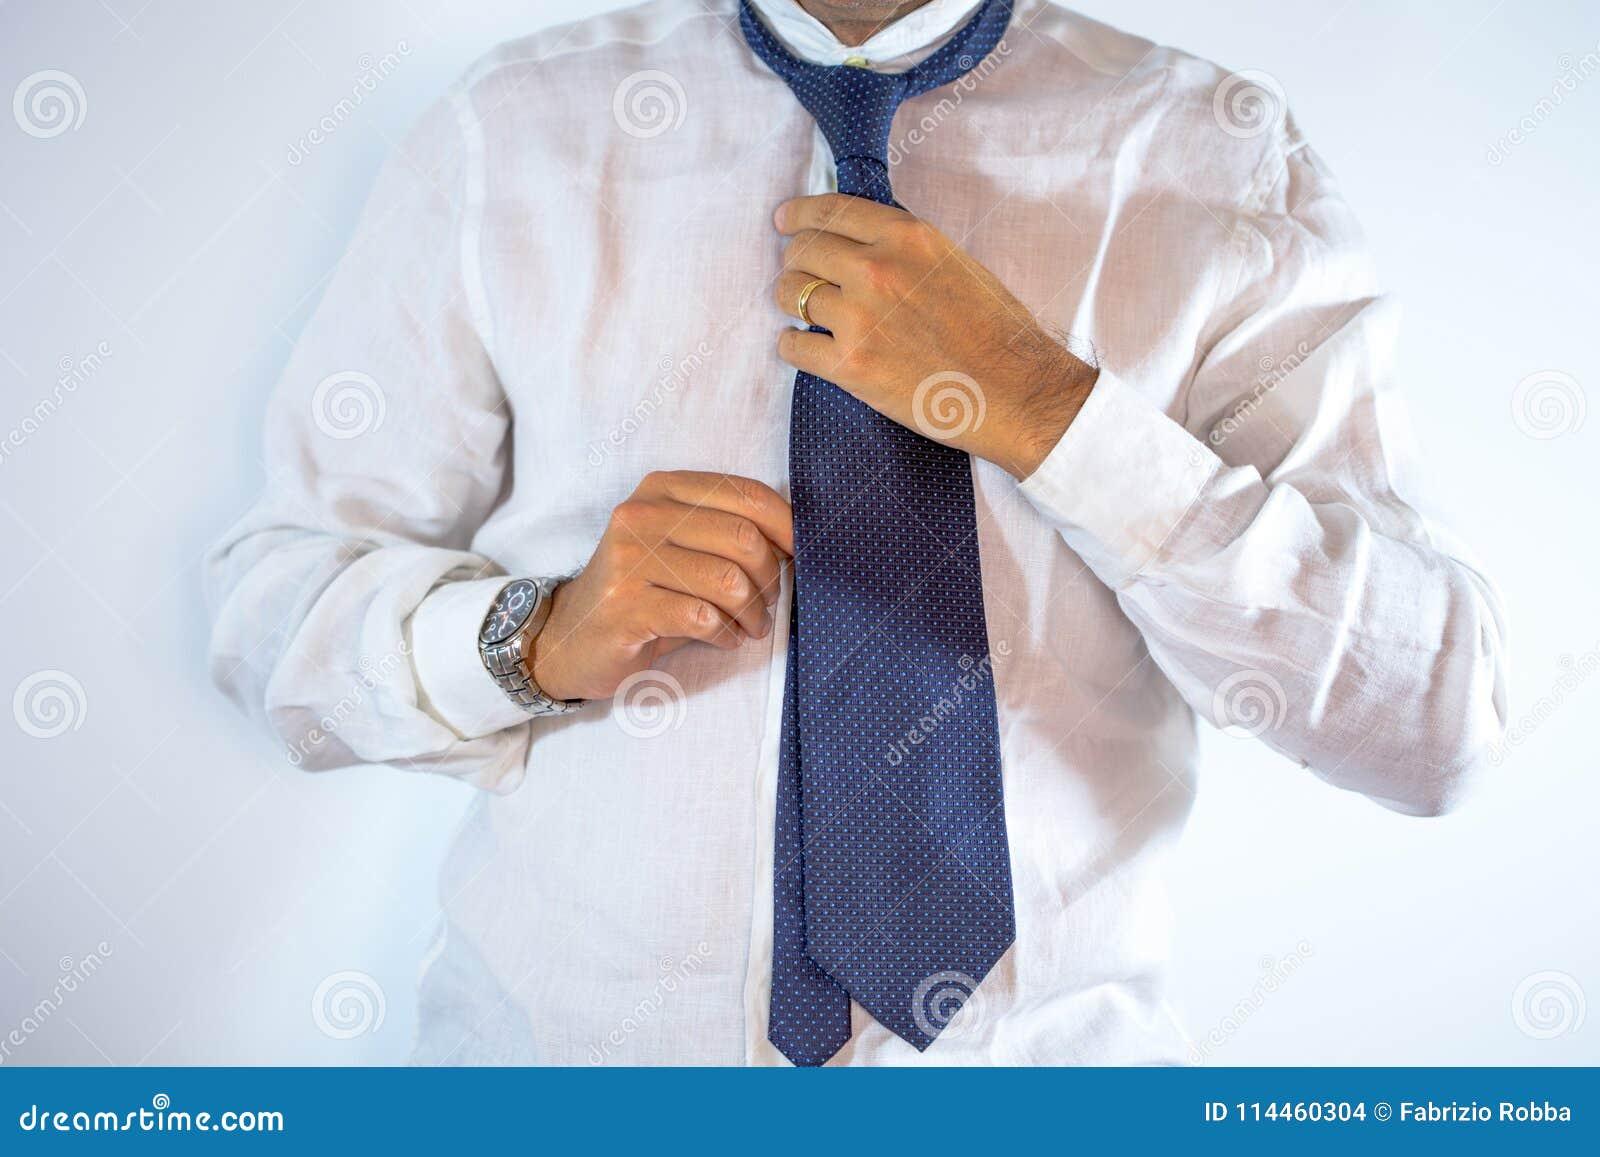 Mensen, zaken, manier en kledingsconcept - sluit omhoog van mens die in overhemd zich omhoog de kleden